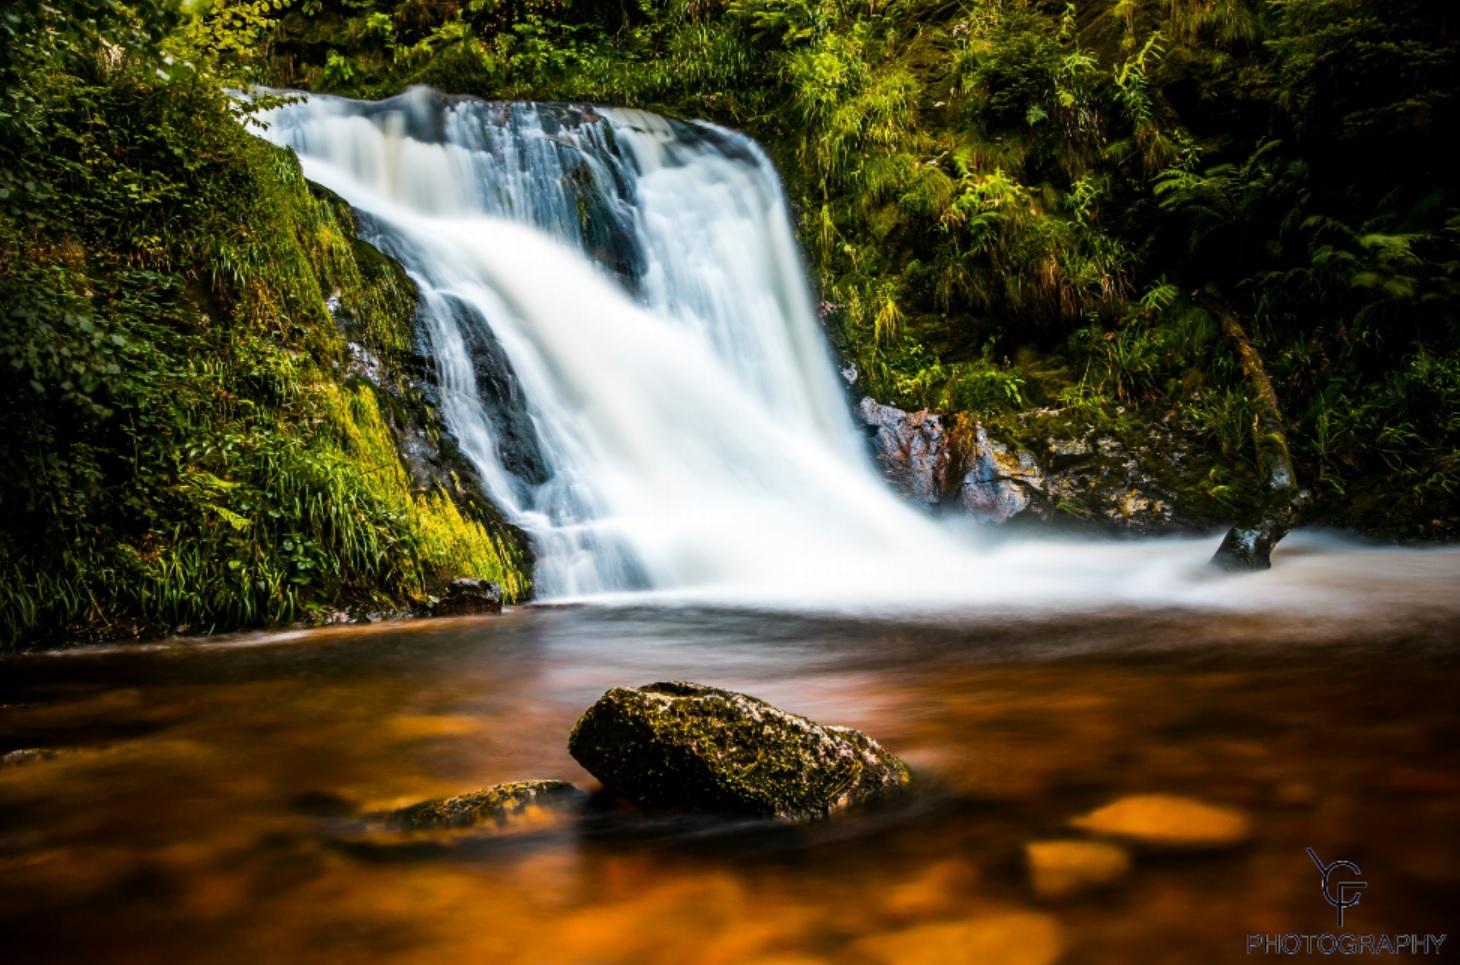 Waterfalls Allerheiligen, Germany